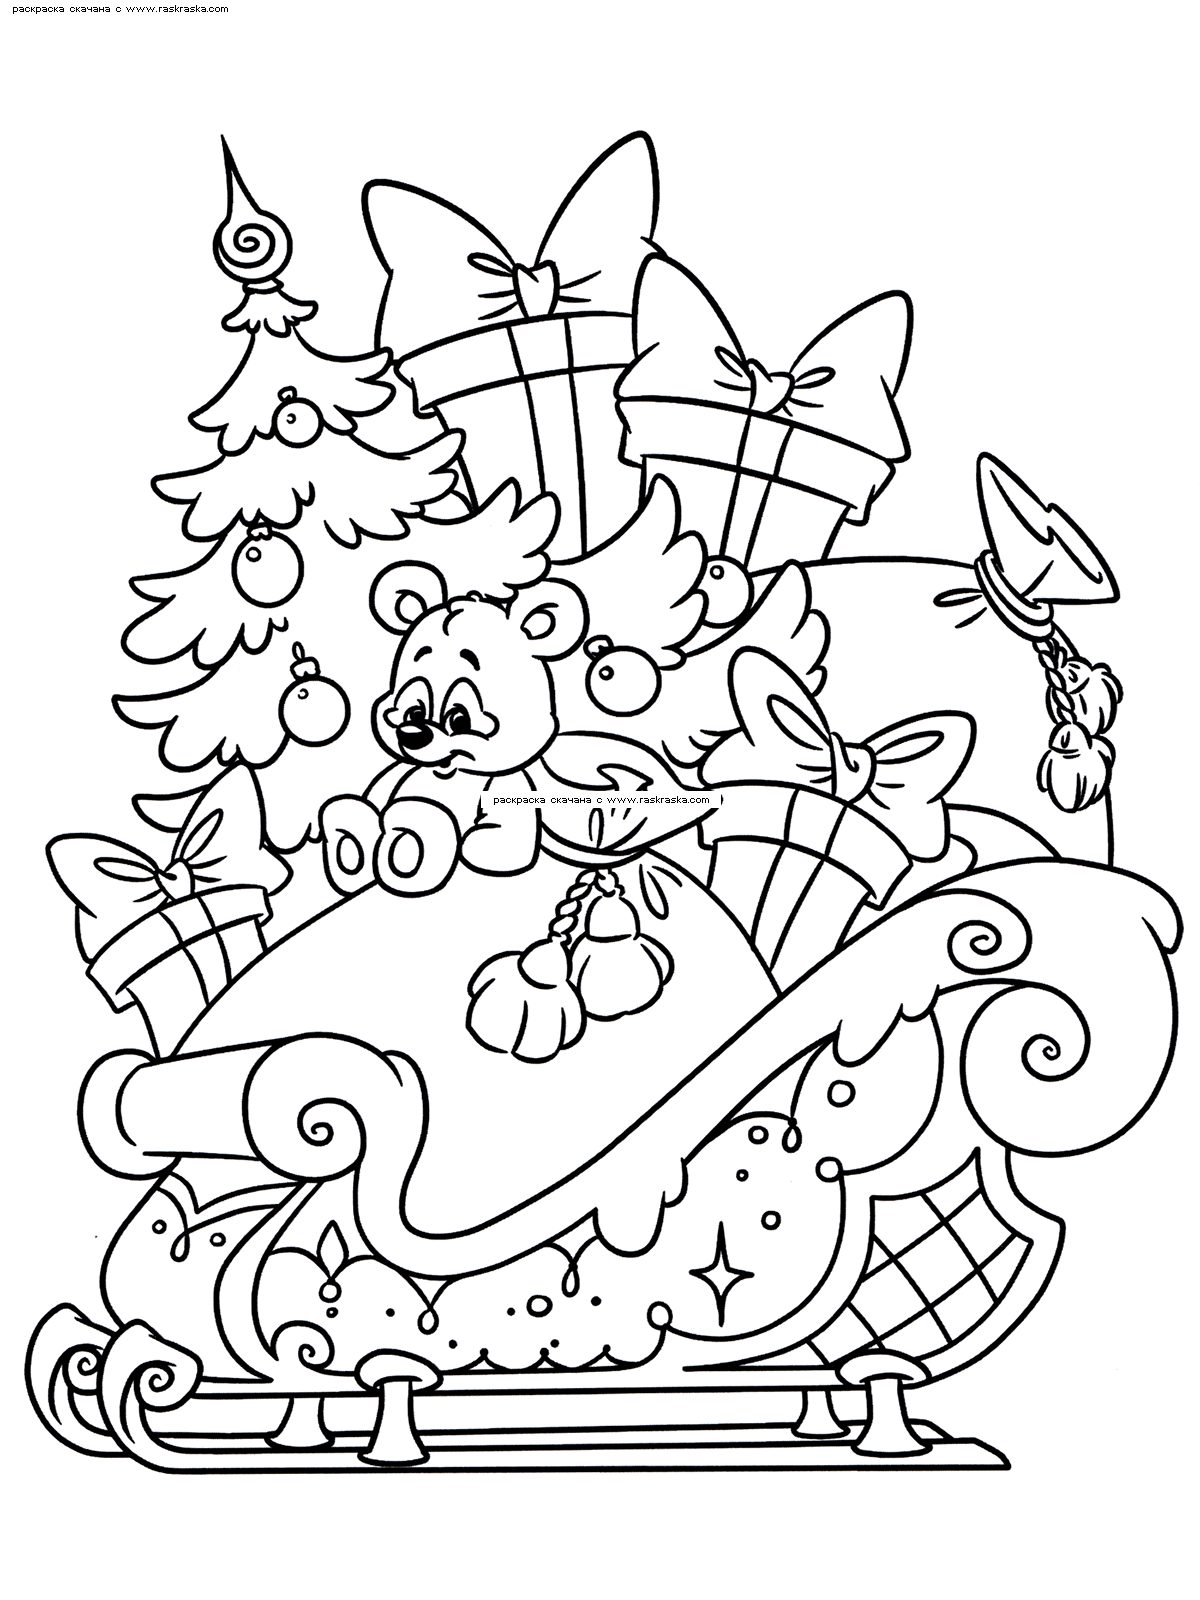 Раскраска Сани с подарками. Раскраска сани, подарки